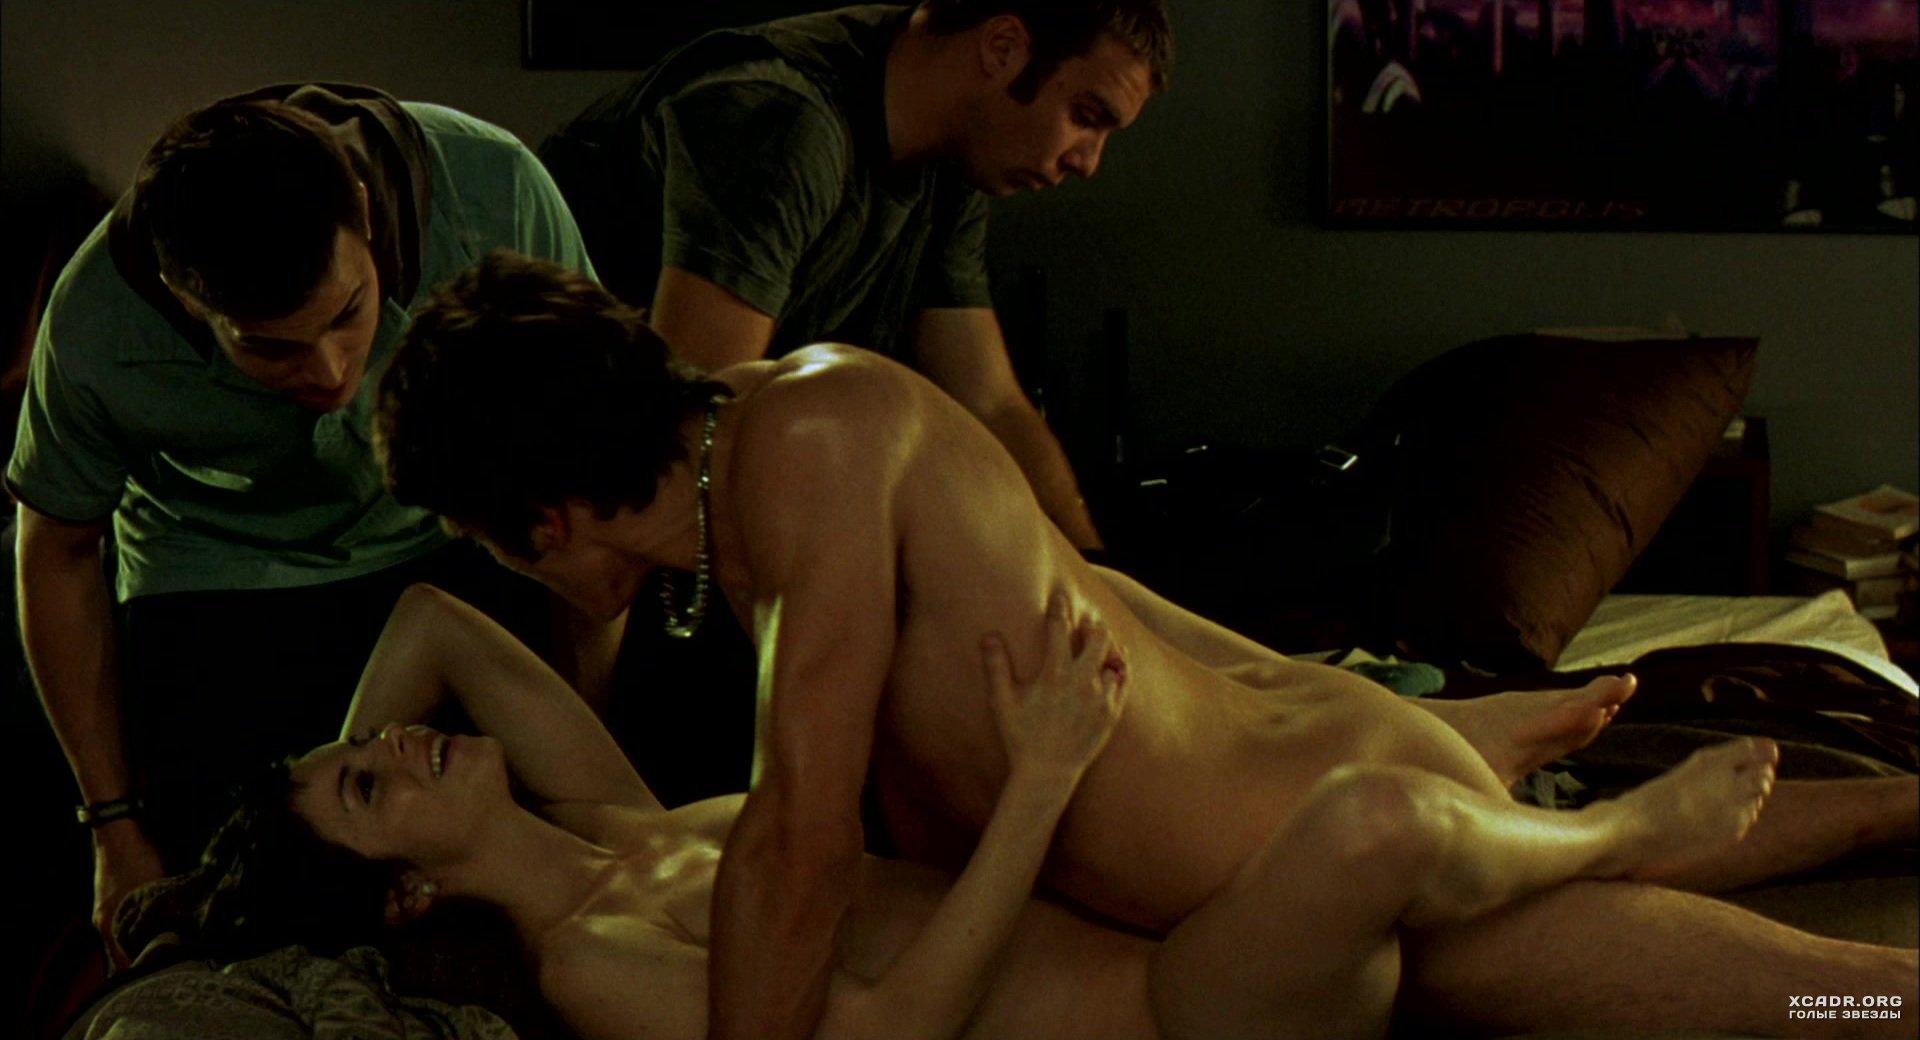 смотреть онлайн фильм про красивый секс кодов и смс регистрации